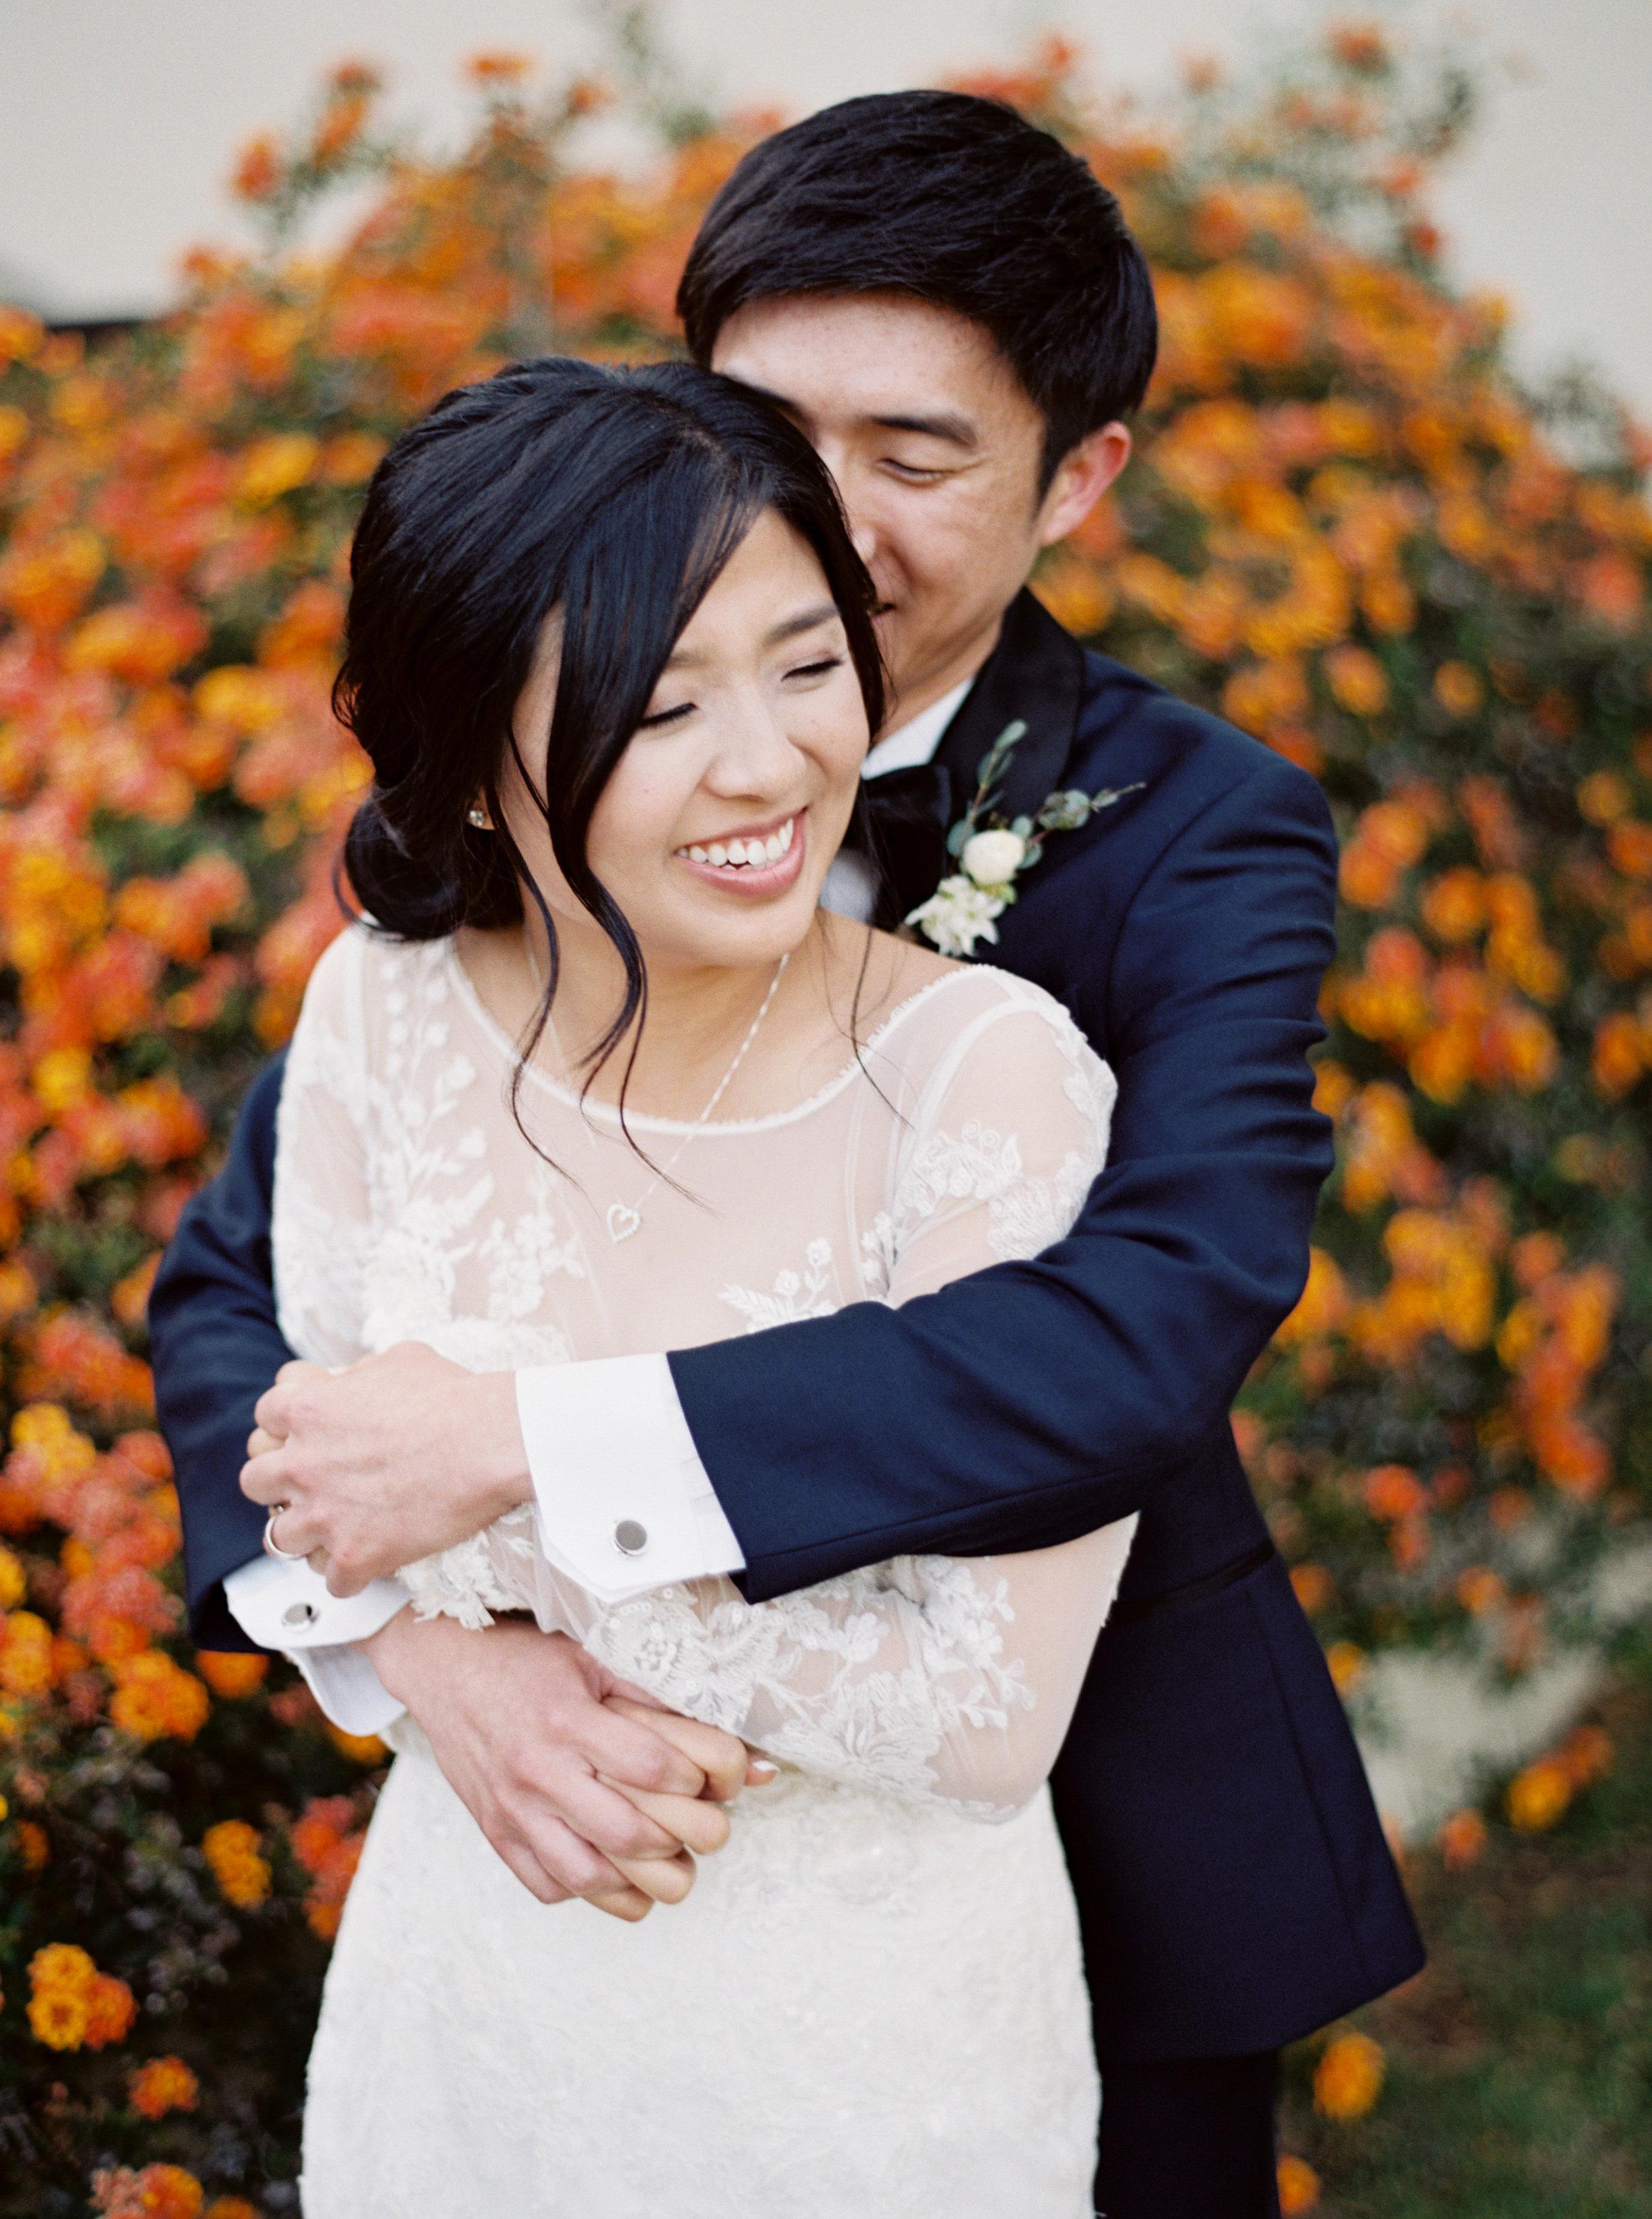 carmel-wedding-at-wedgewood-carmel-california-64.jpg